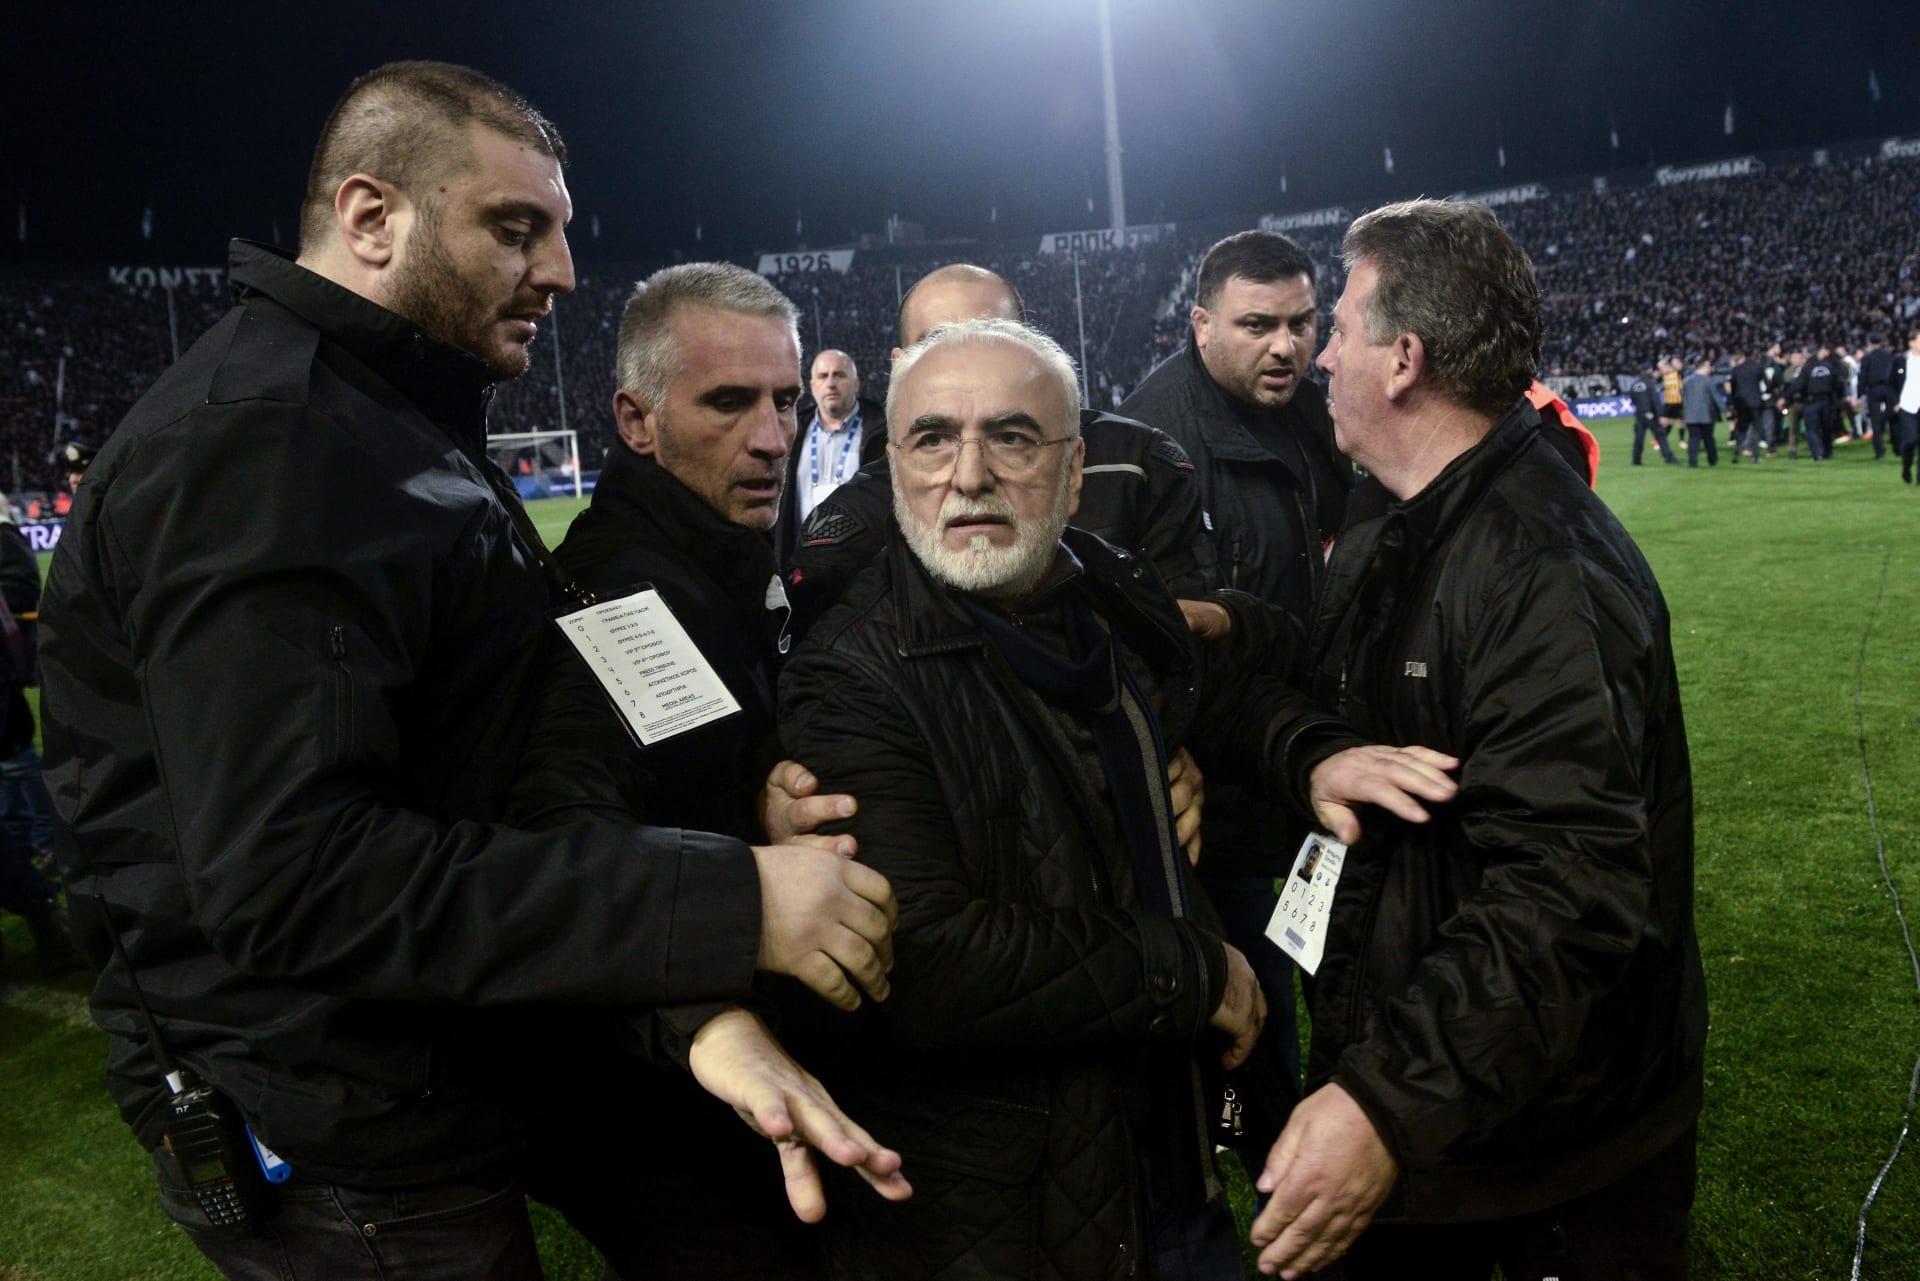 إيقاف الدوري اليوناني بعد اقتحام رئيس ناد لأرضية الملعب حاملا مسدسا على خصره